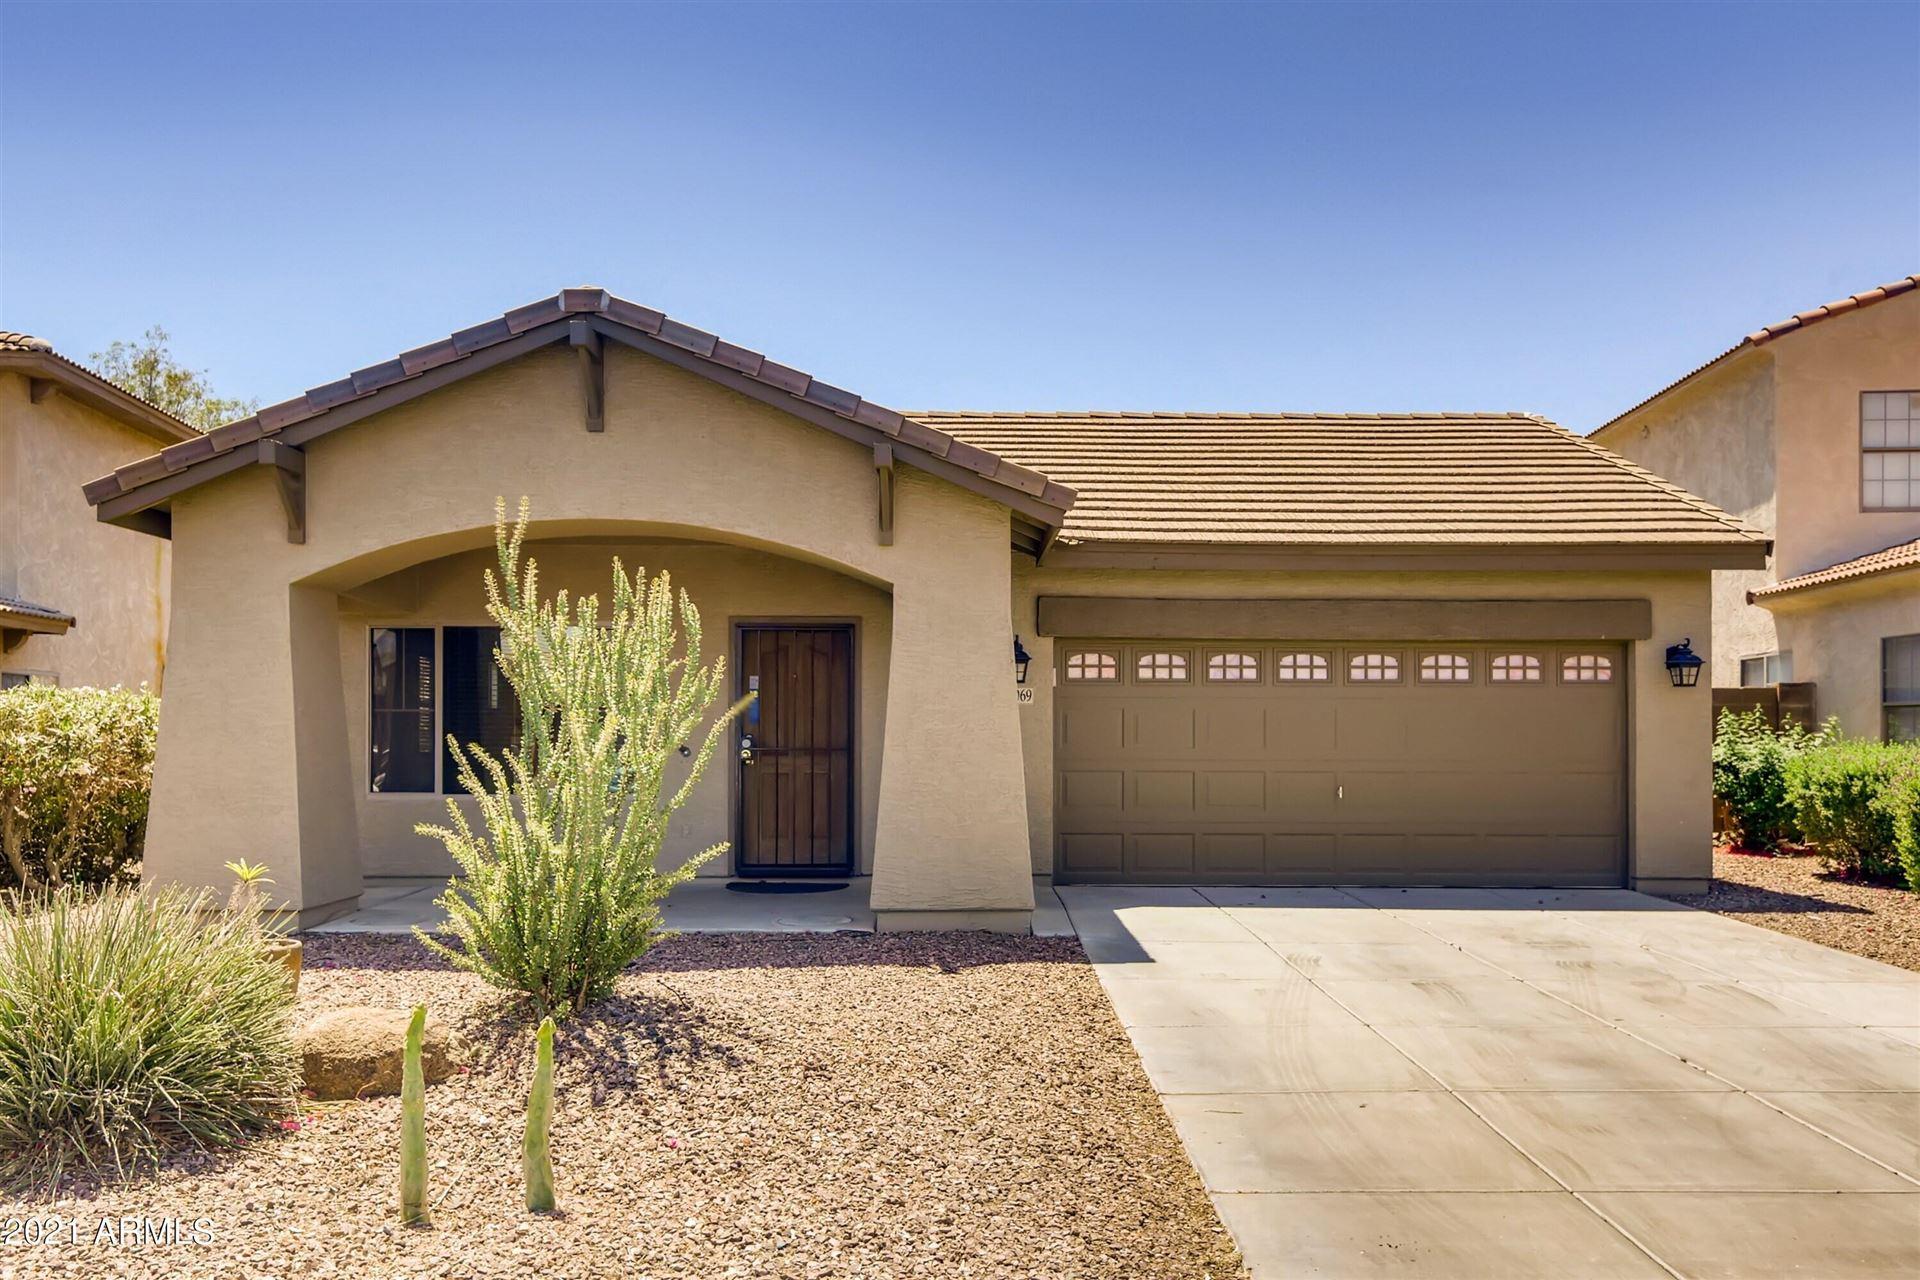 Photo of 16069 W BANFF Lane, Surprise, AZ 85379 (MLS # 6232019)